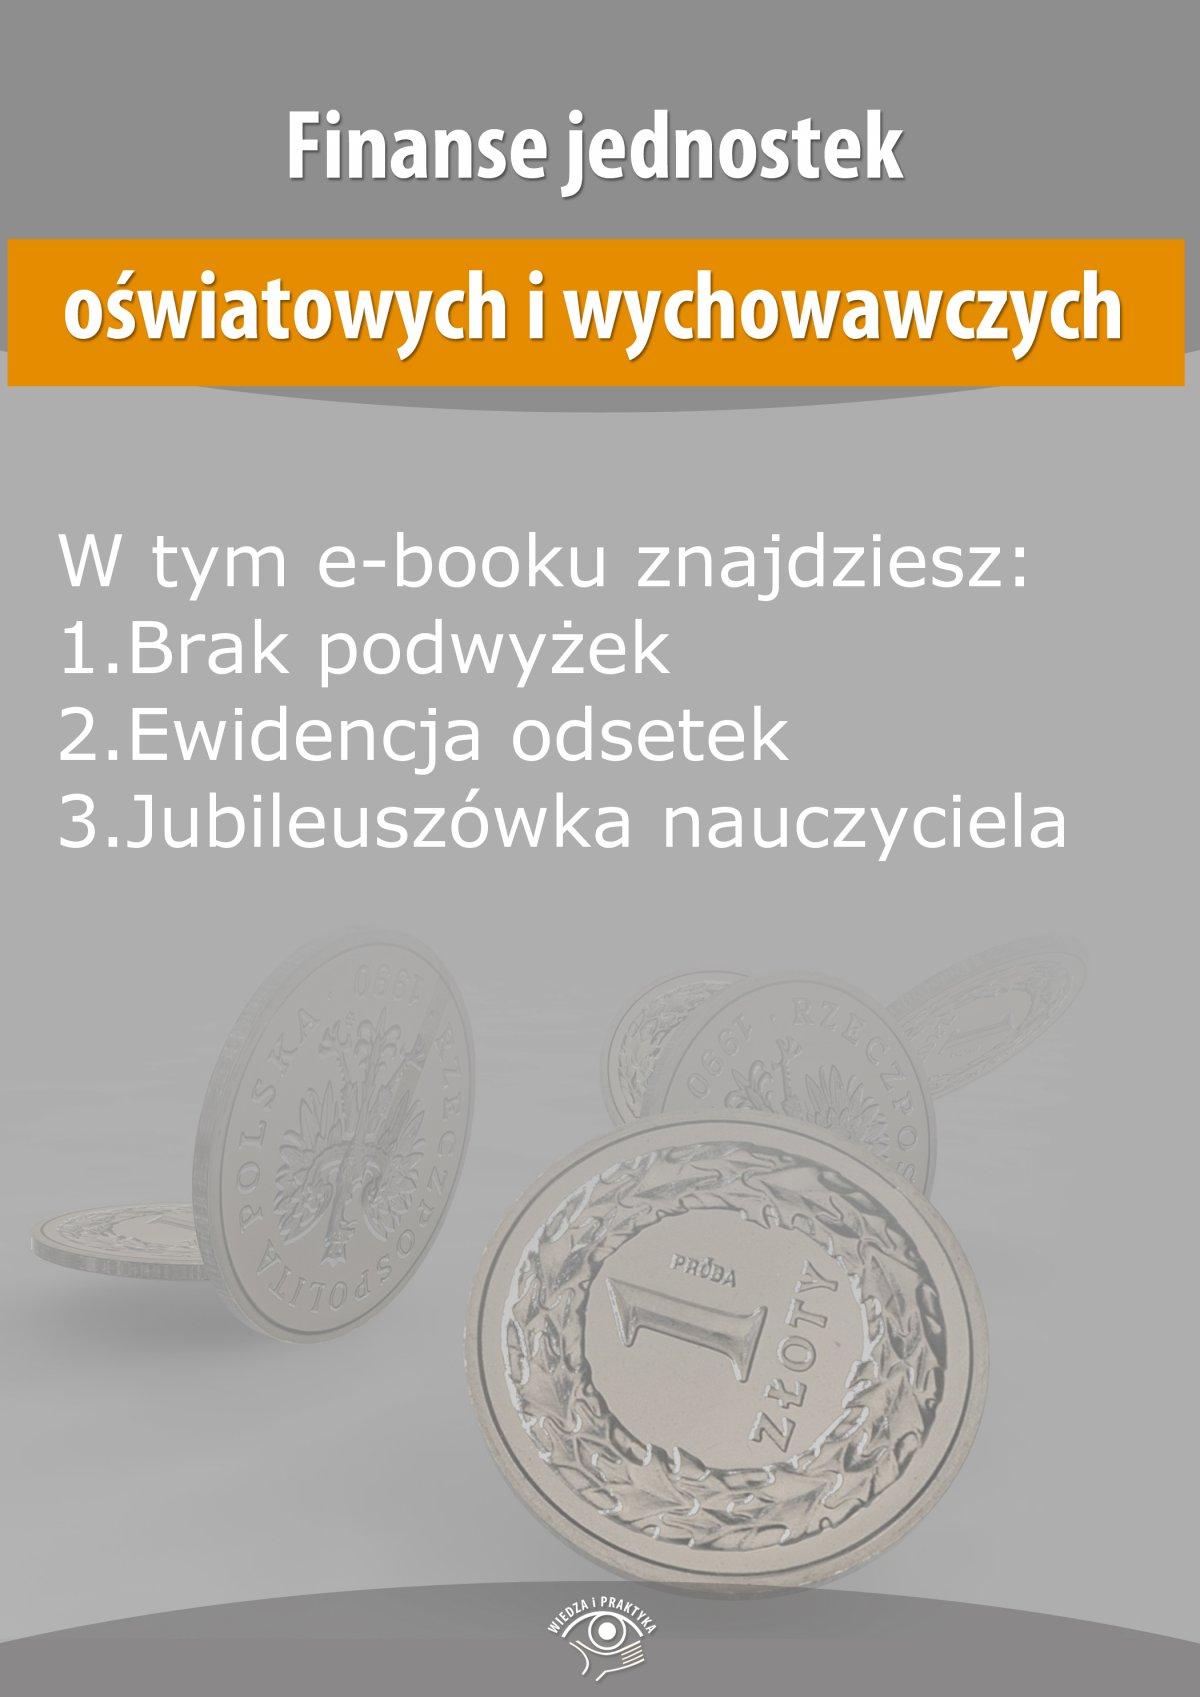 Finanse jednostek oświatowych i wychowawczych, wydanie wrzesień 2014 r. - Ebook (Książka EPUB) do pobrania w formacie EPUB